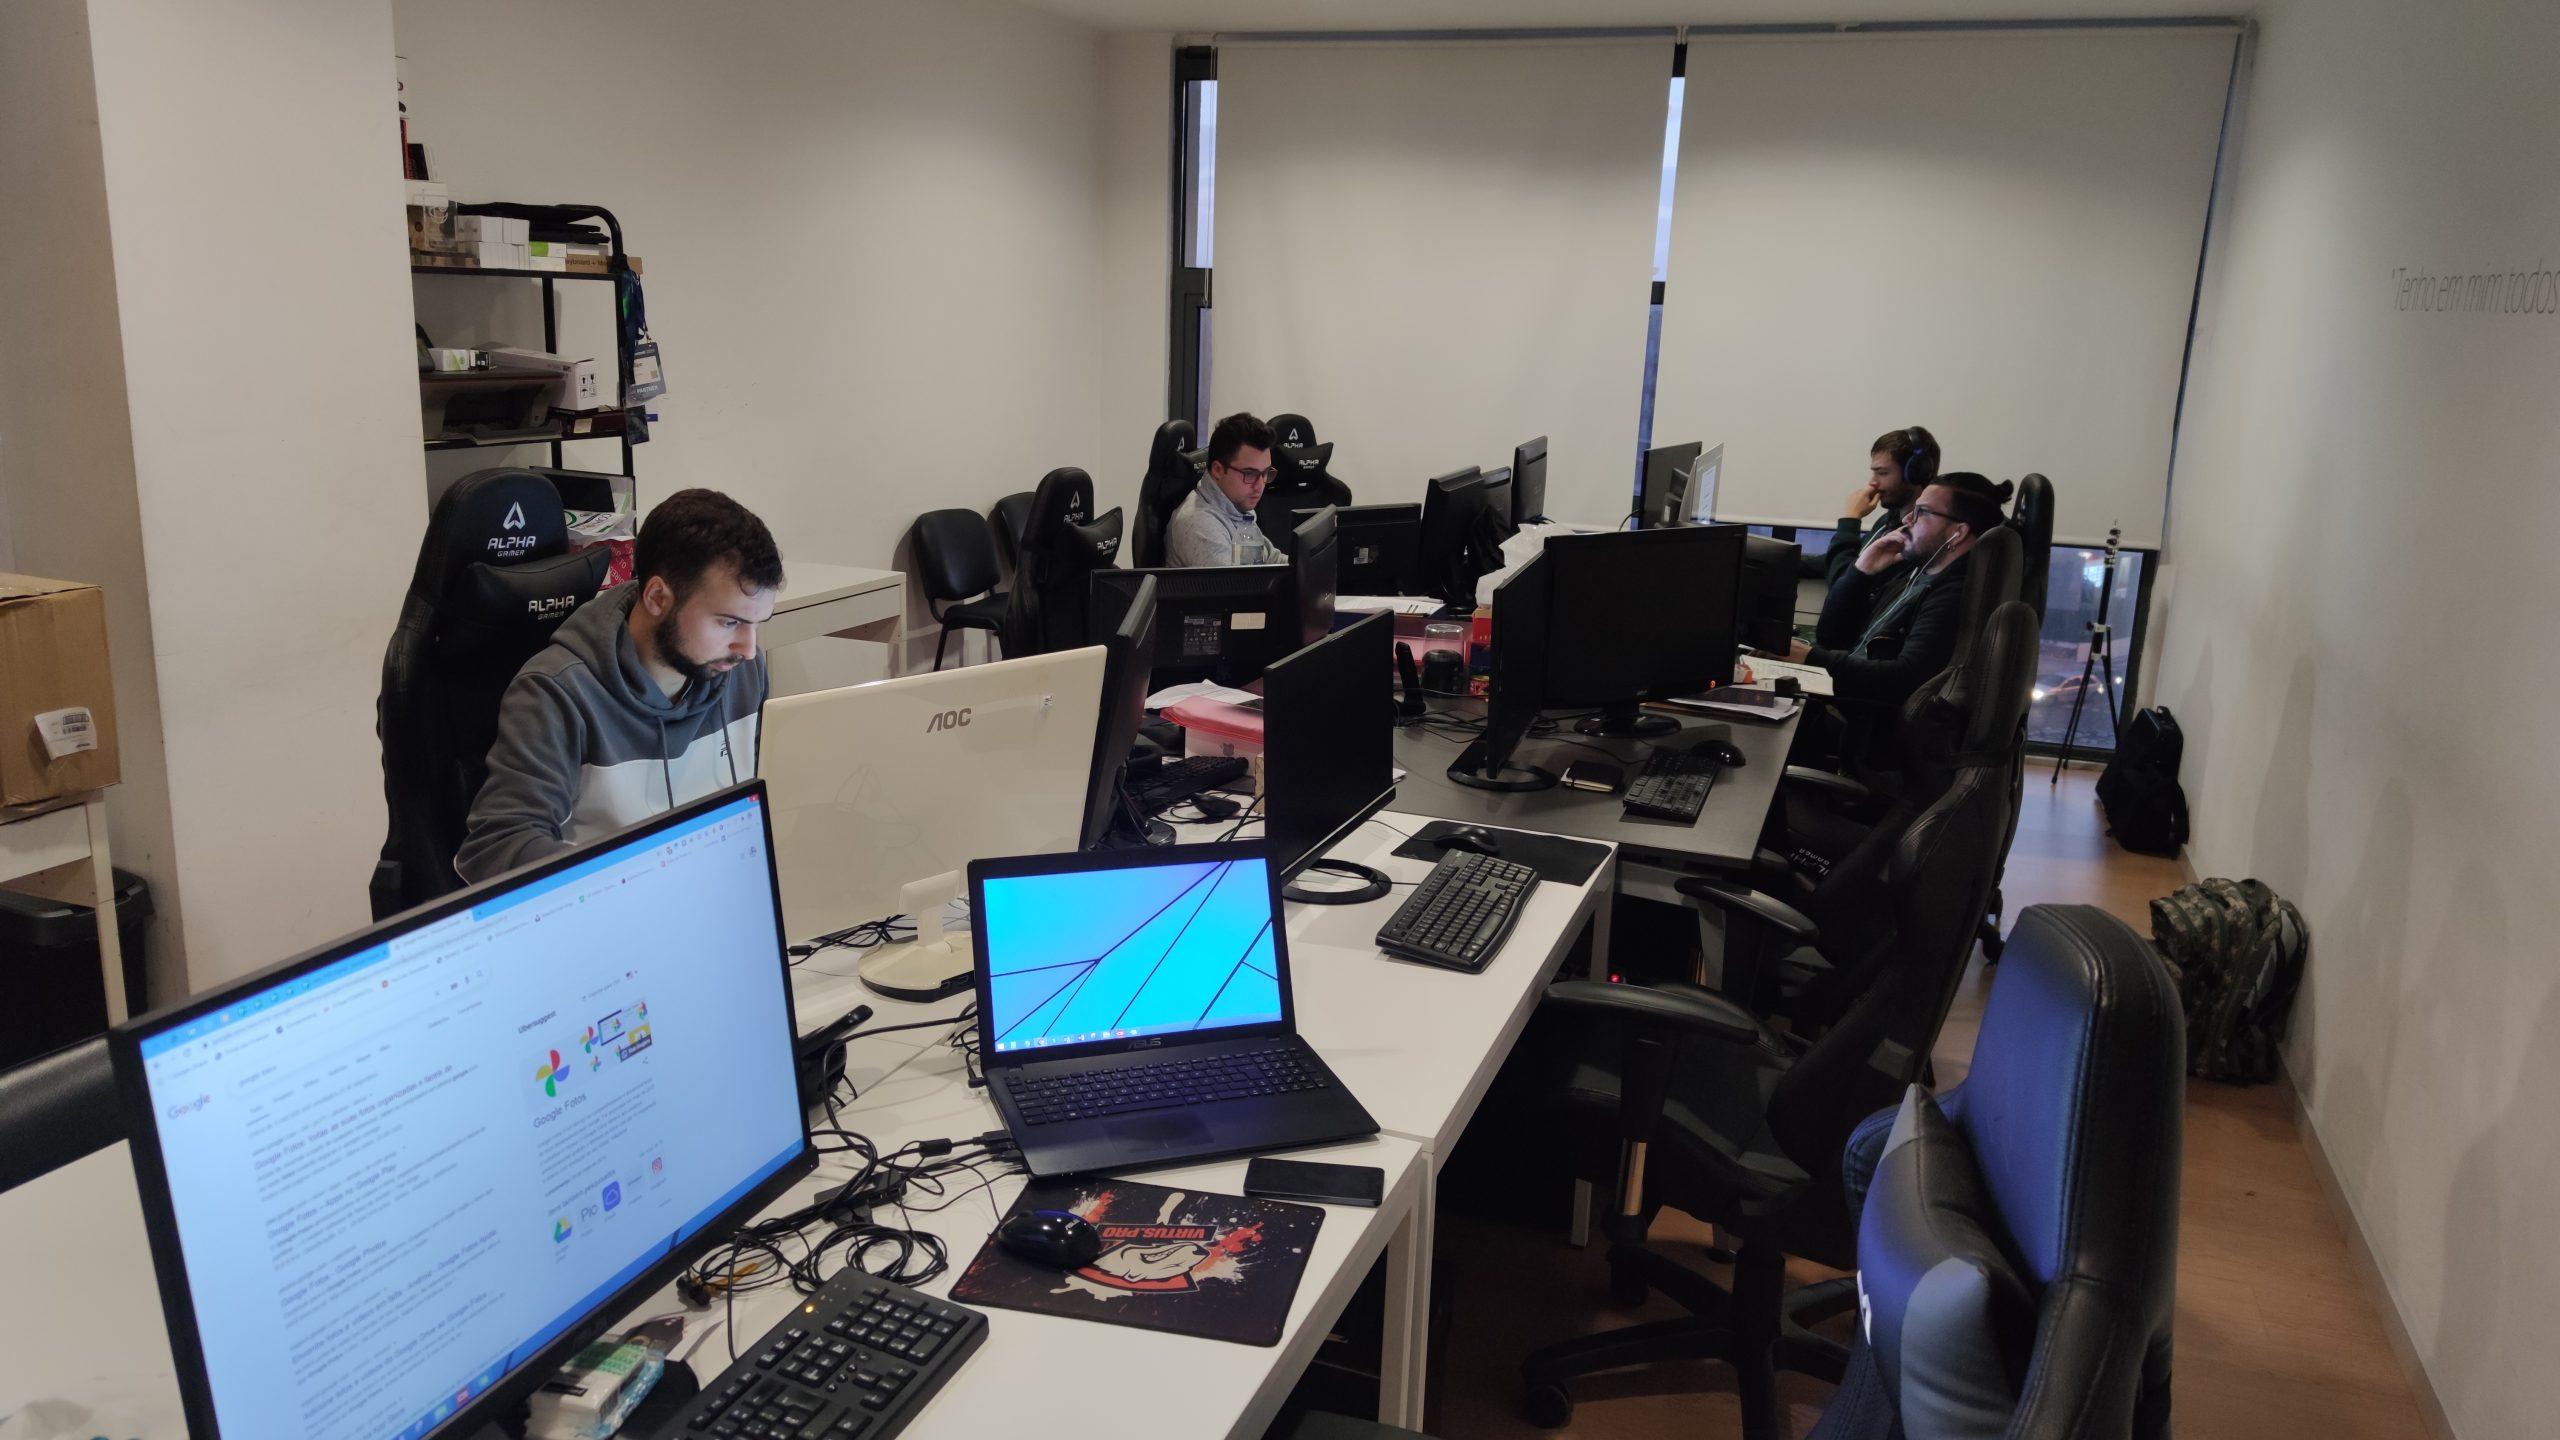 Entrevista Correio dos Açores: AcoresPRO quer expandir negócio e alcançar novos mercados